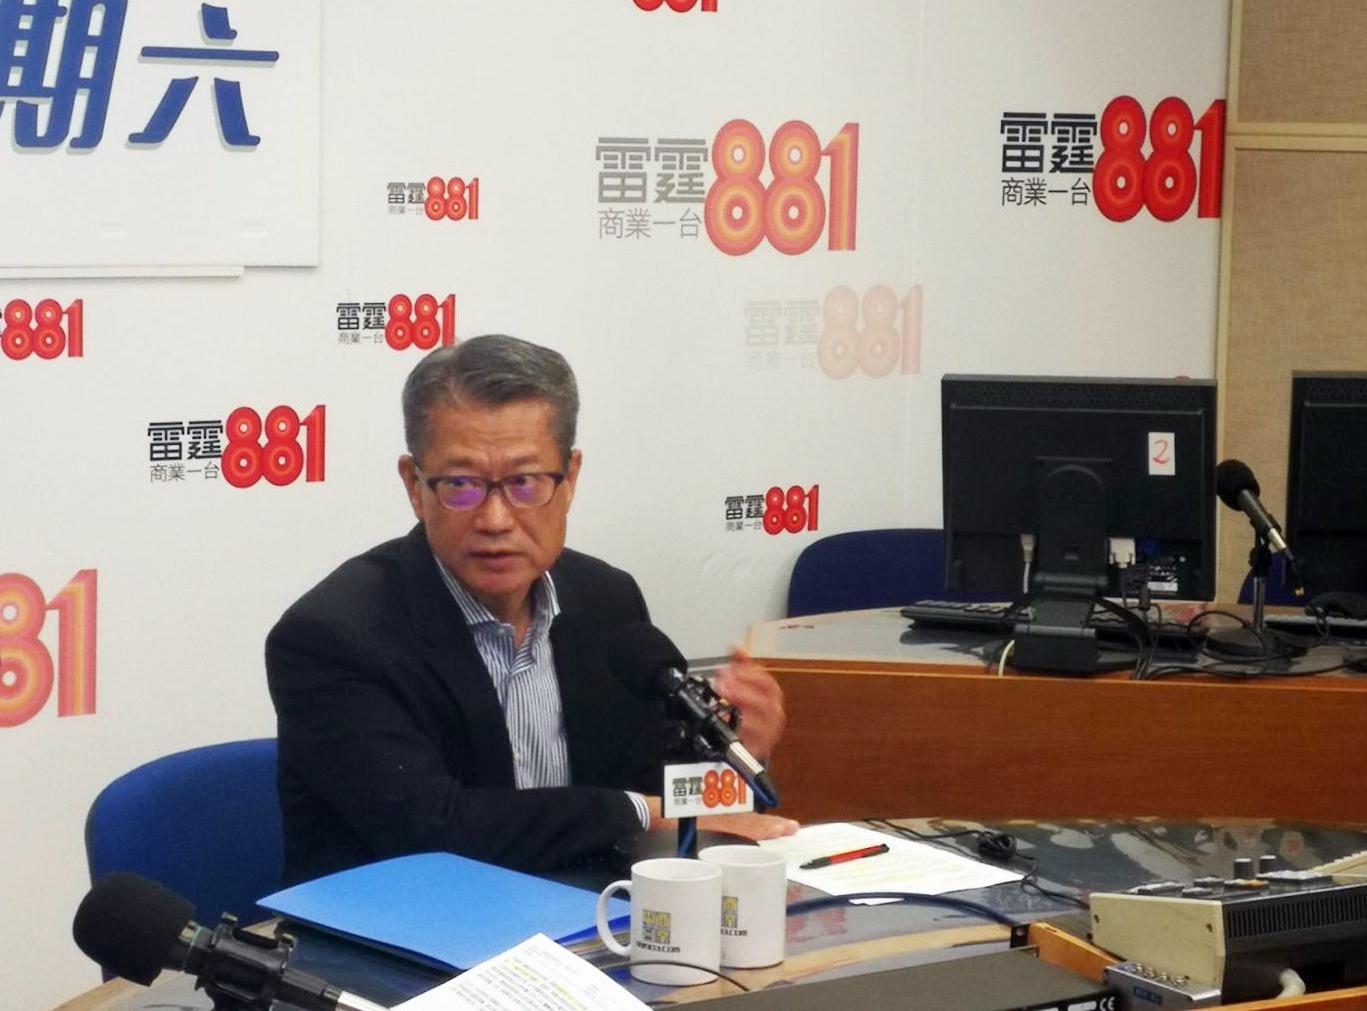 陳茂波指,最重要是「撐企業、保就業」。